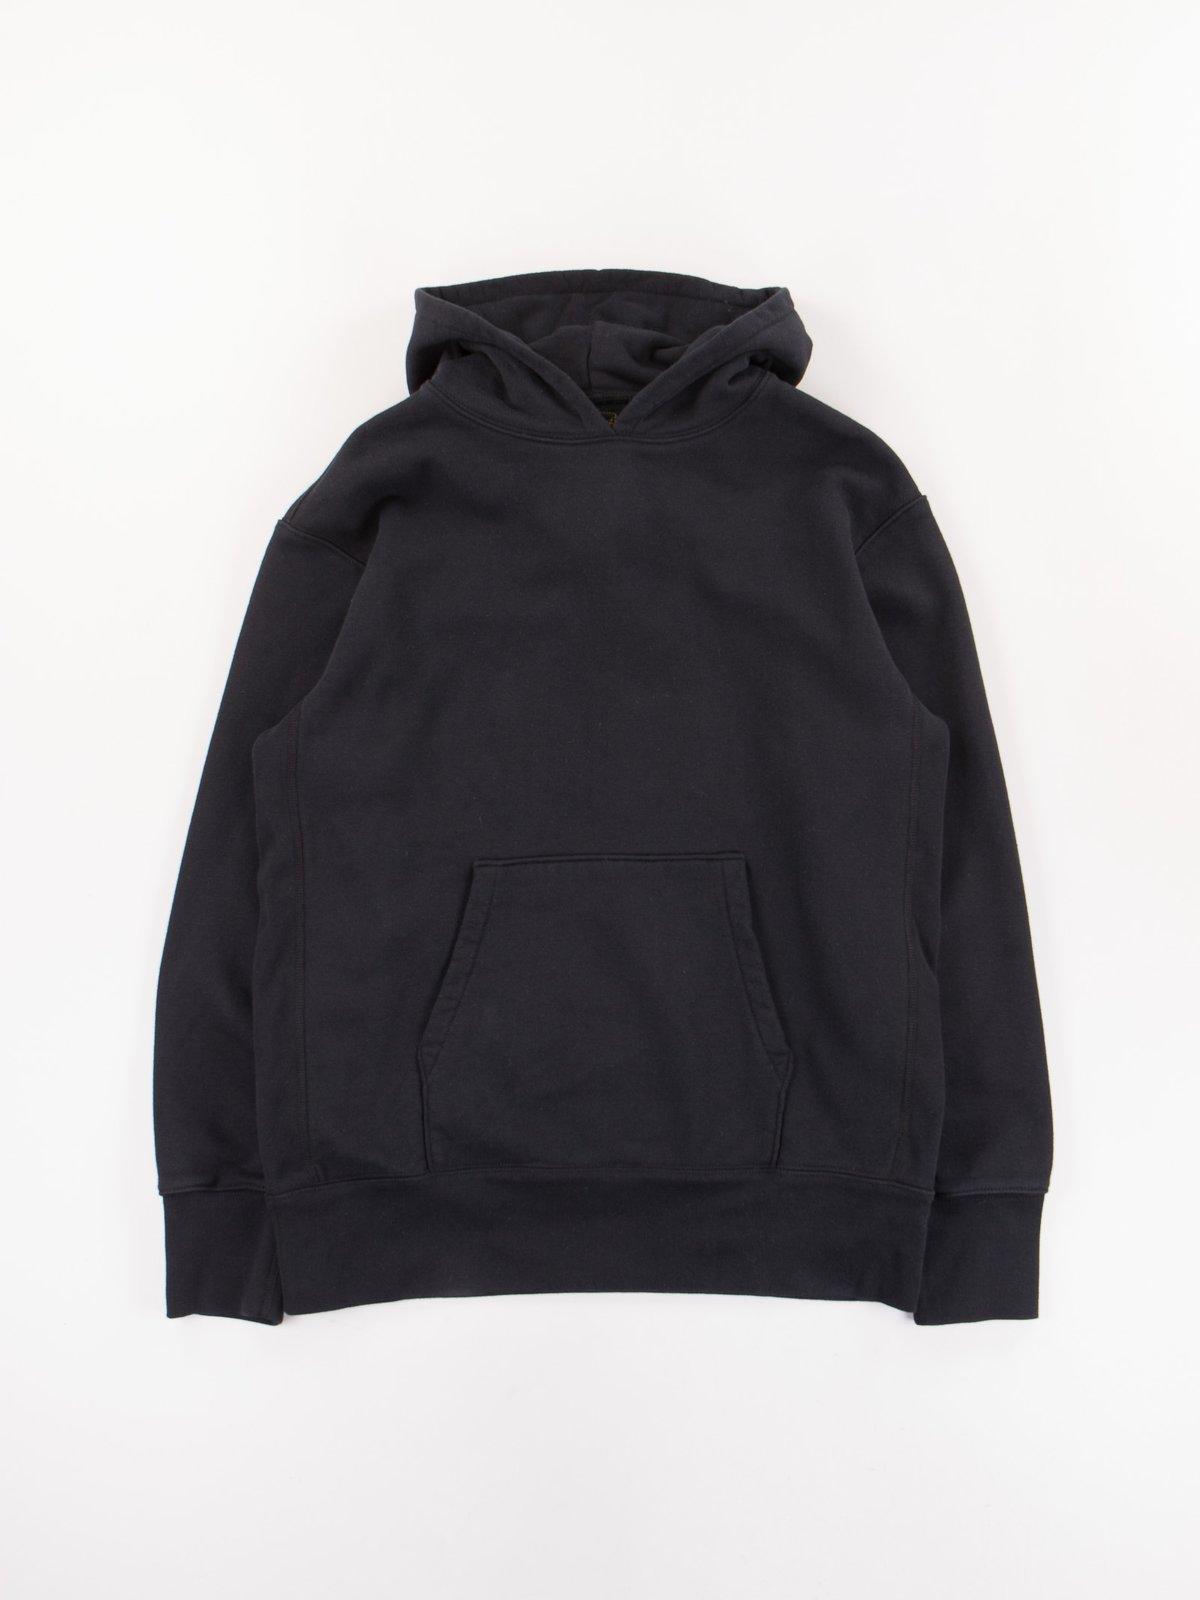 Black Gusset Pullover Parka - Image 1